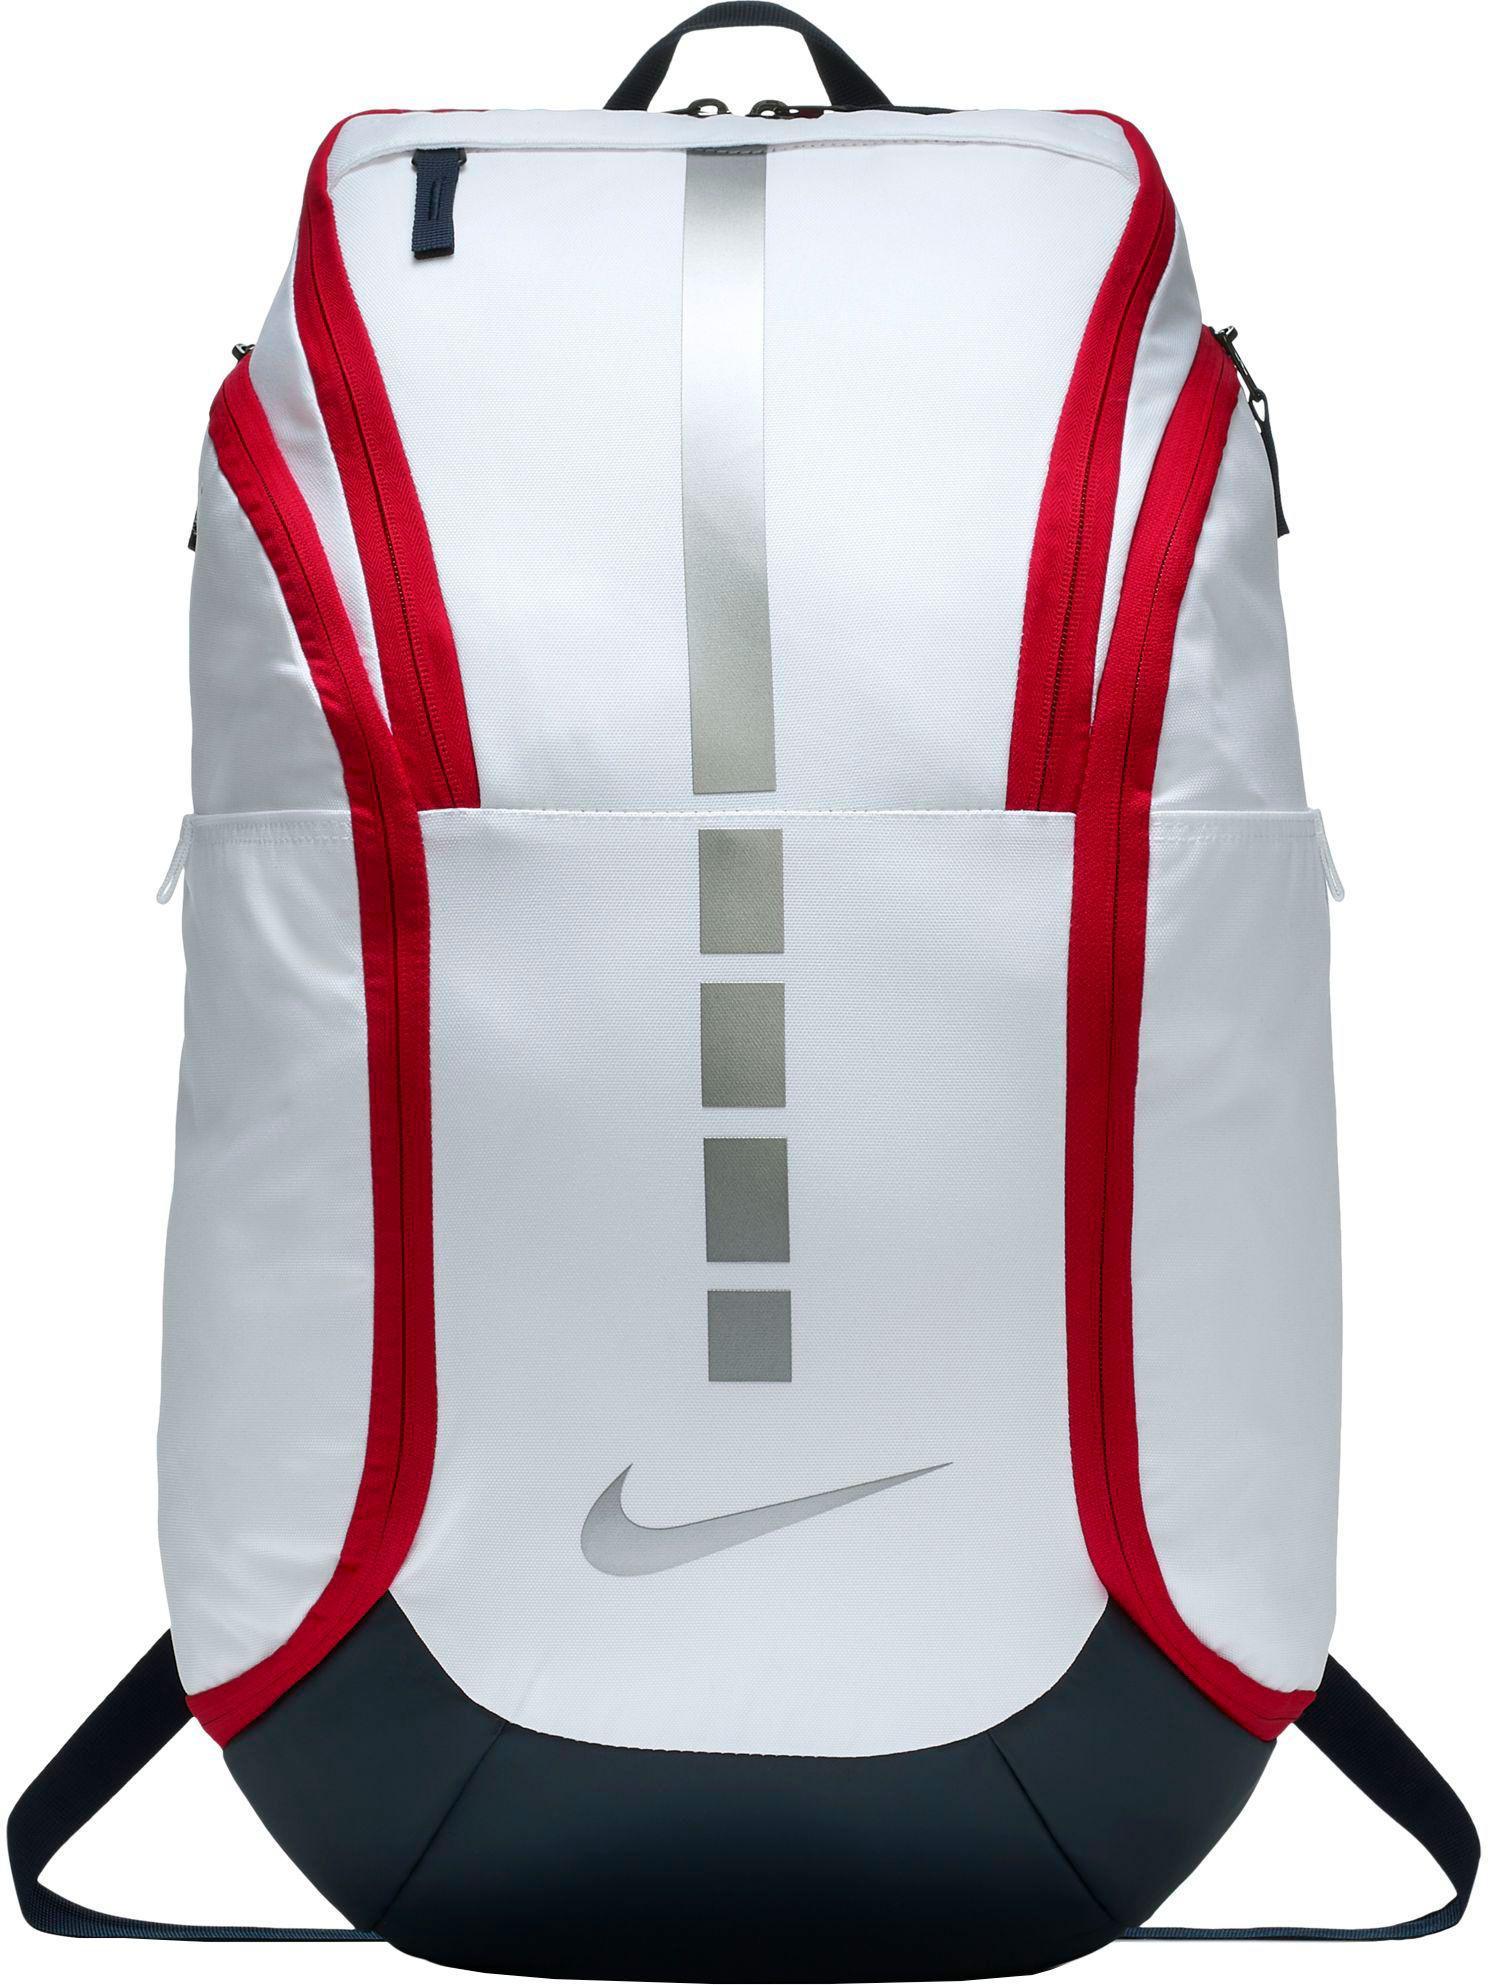 Lyst - Nike Hoops Elite Pro Basketball Backpack in White for Men 6e20aeaebe